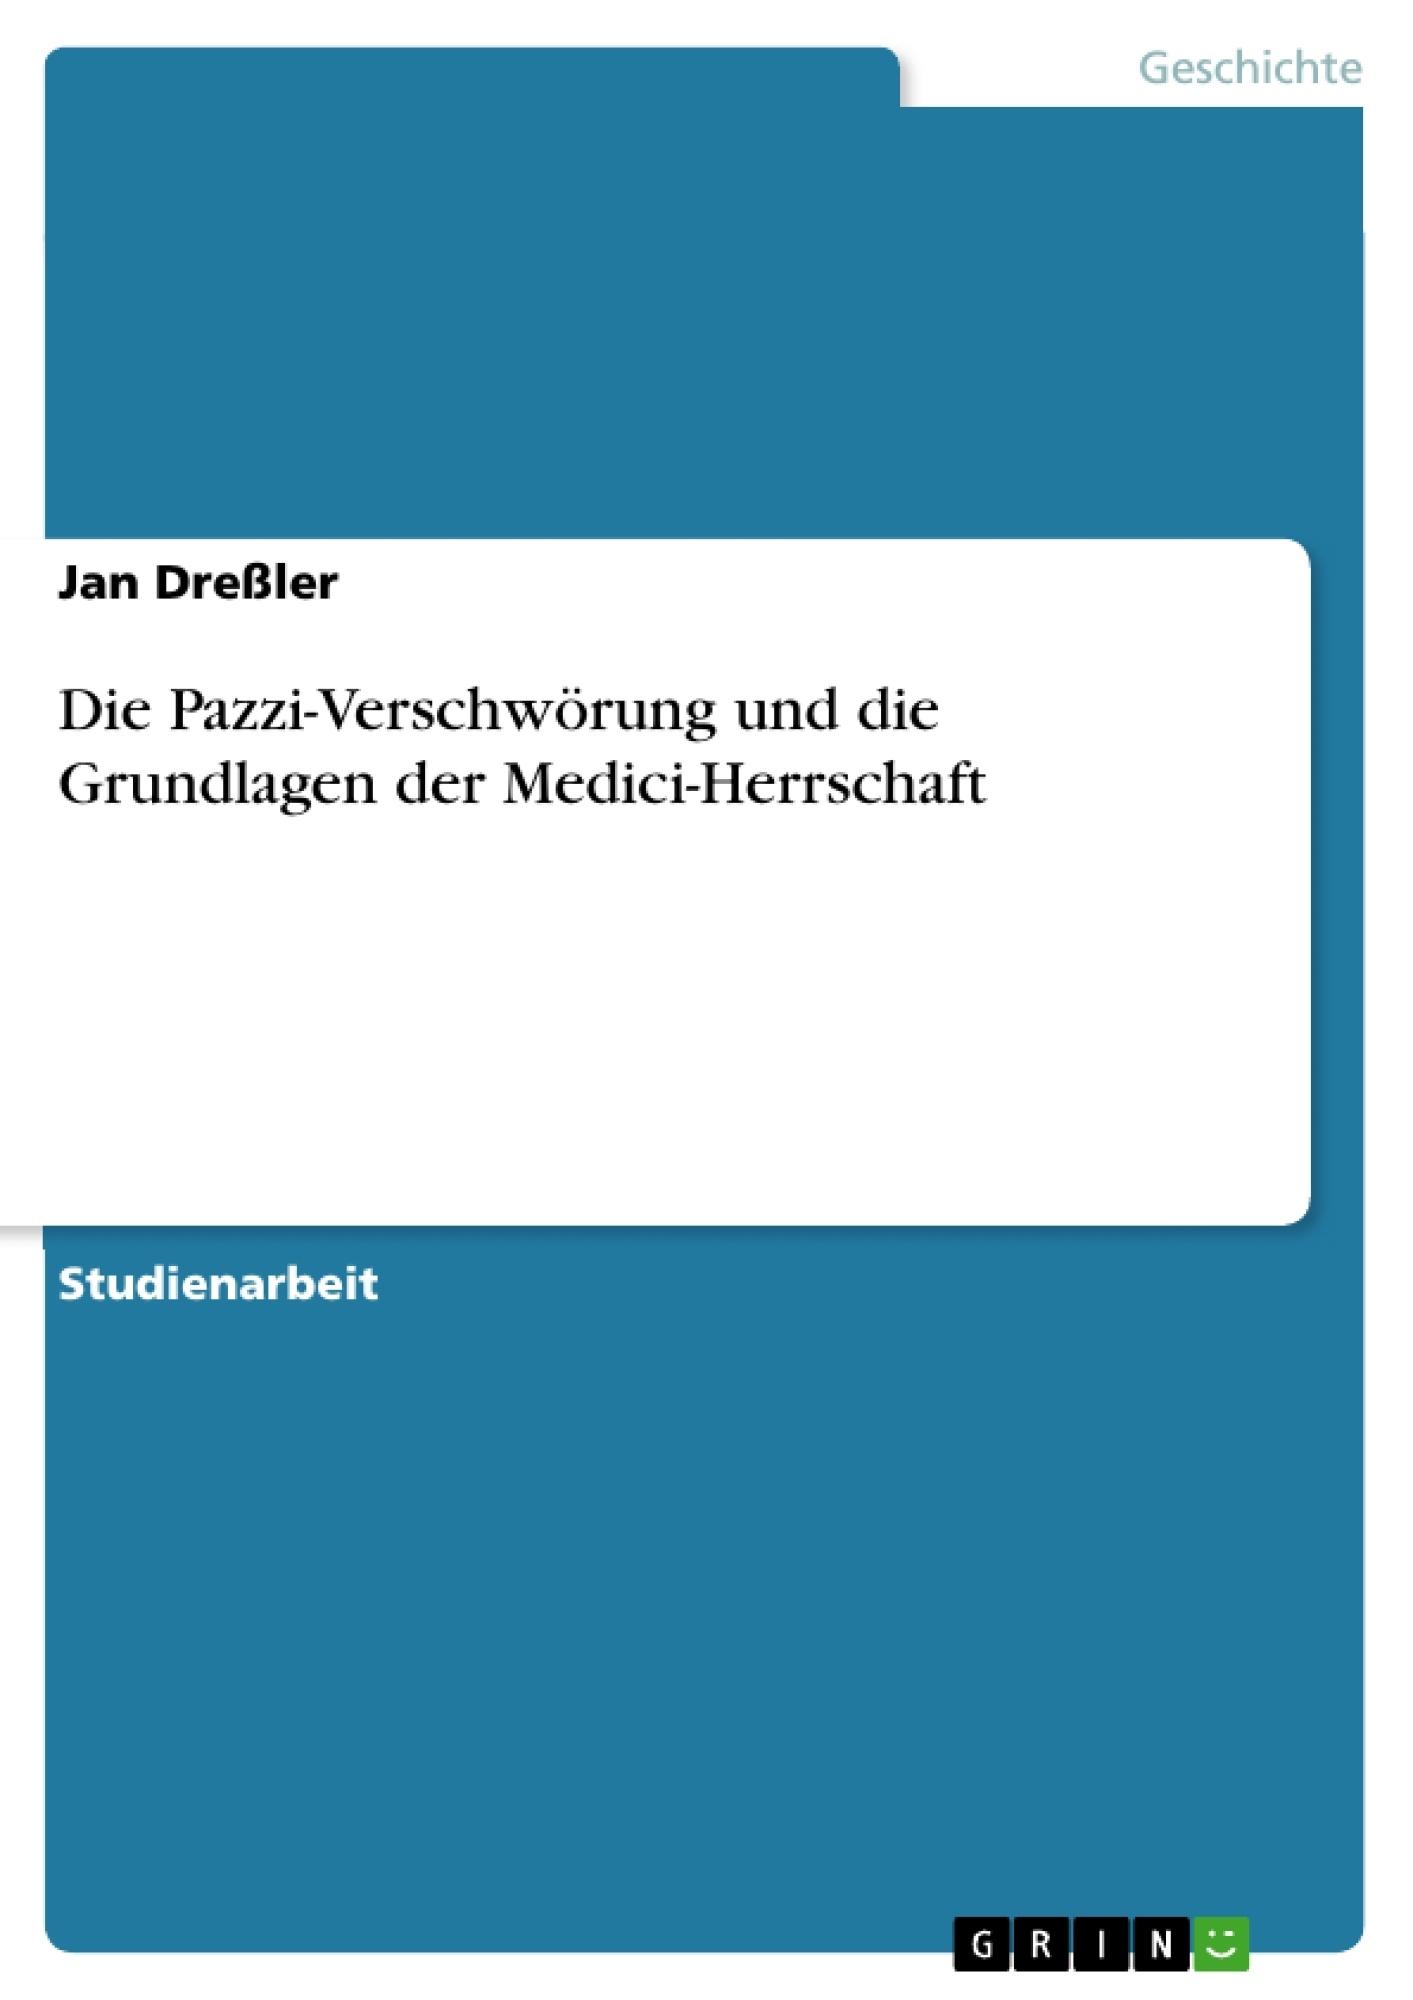 Titel: Die Pazzi-Verschwörung und die Grundlagen der Medici-Herrschaft